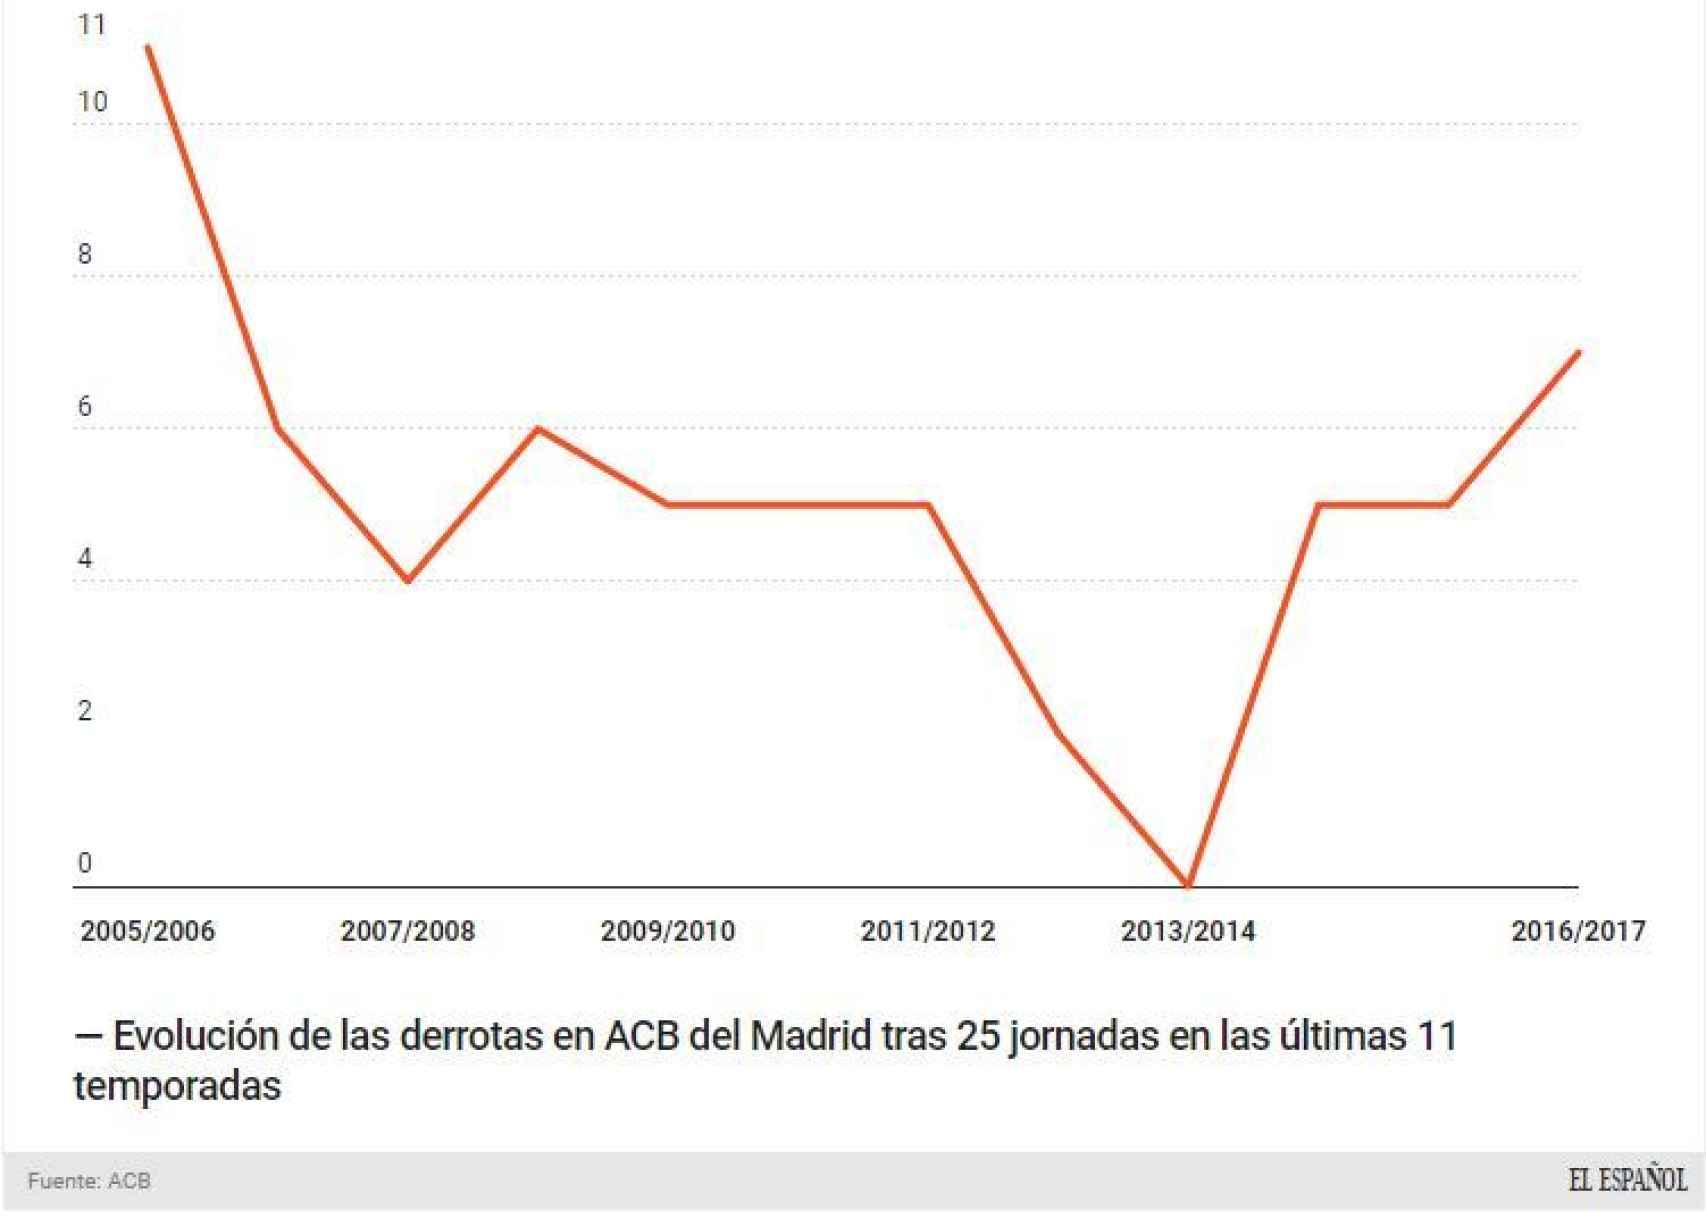 Evolución de las derrotas en ACB del Madrid tras 25 jornadas en las últimas 11 temporadas.